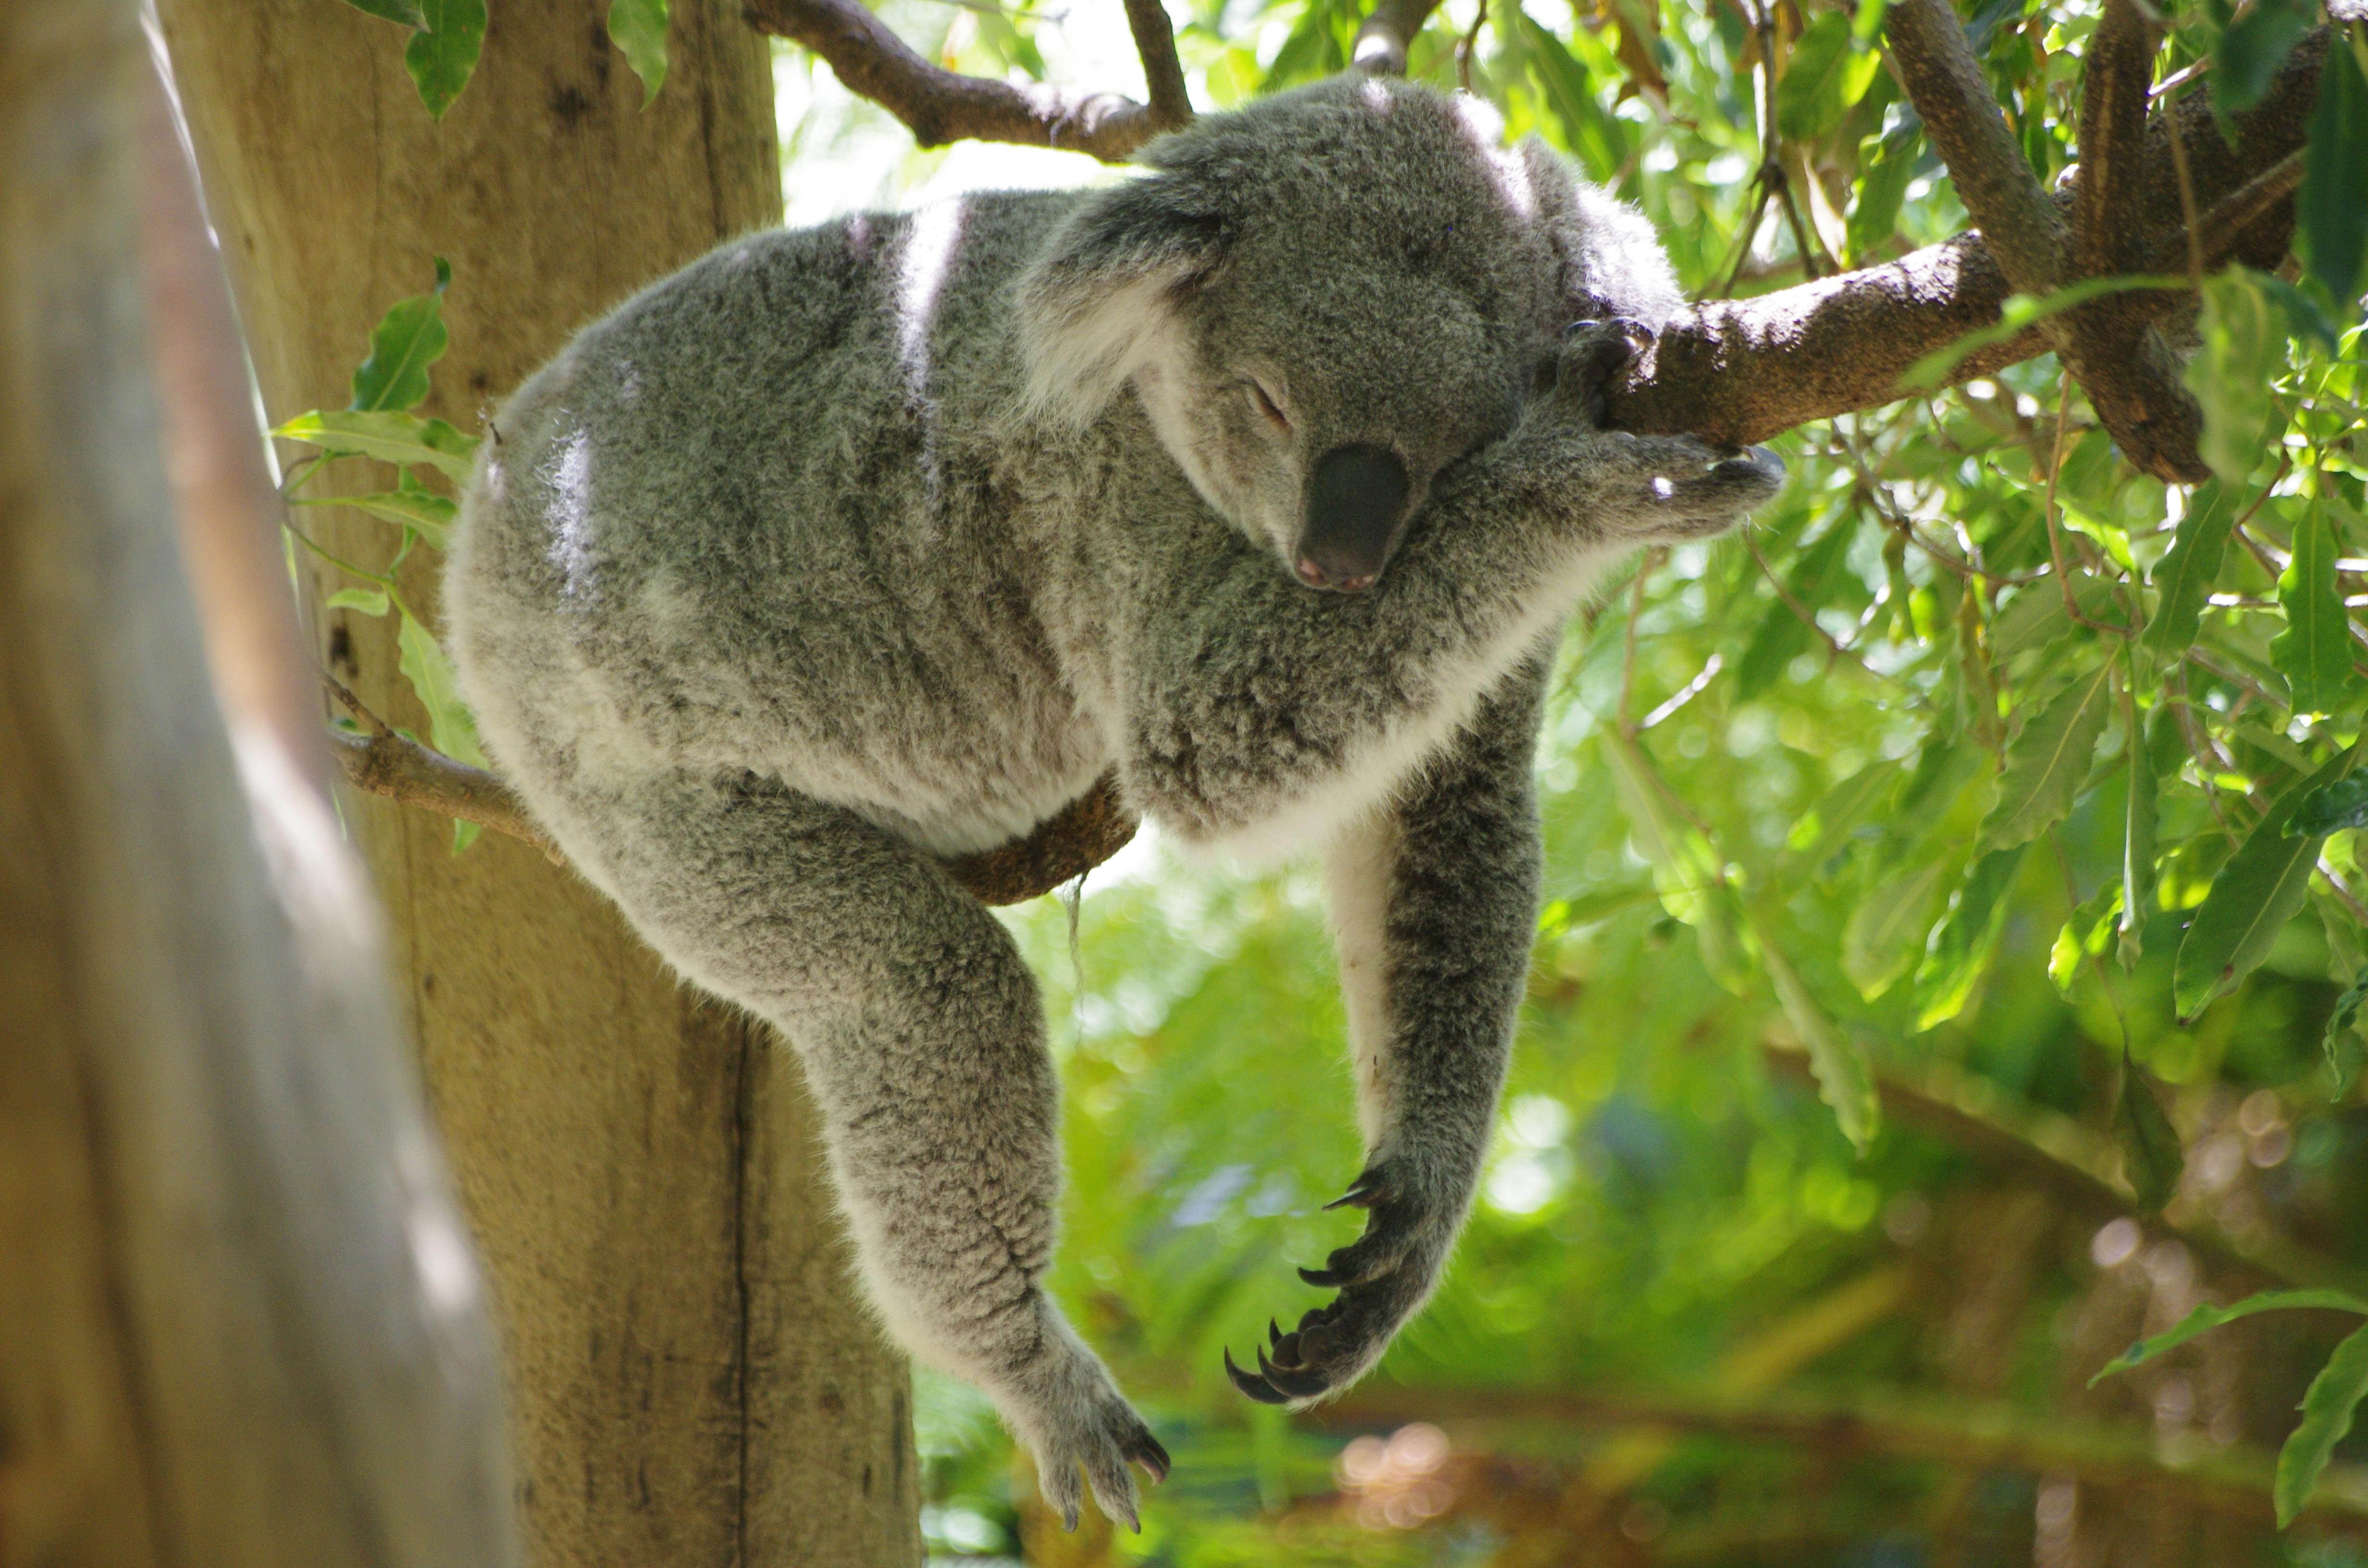 Por trás dessa tranquilidade toda, dentro do corpo do coala, desenrola-se uma longa guerra entre vírus e o material genético do animal. [Foto: Flickr / pelican]